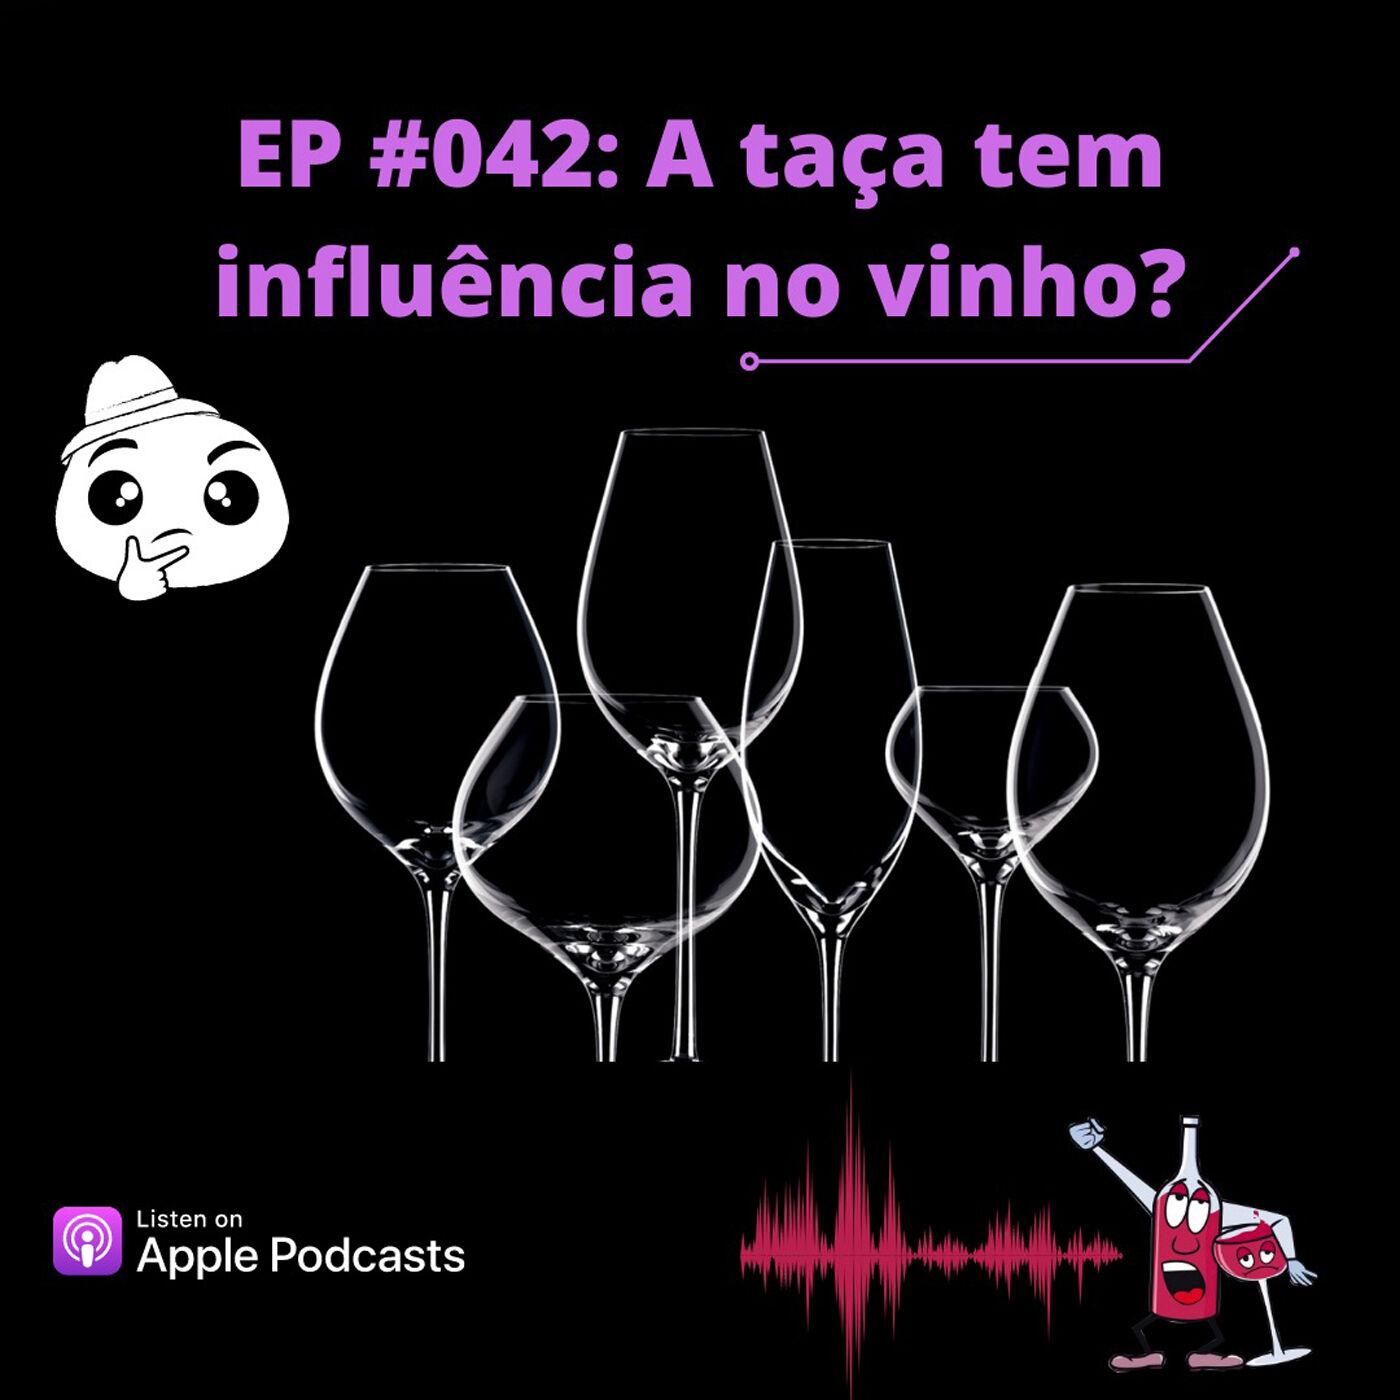 EP #042 - A taça, influencia no vinho?